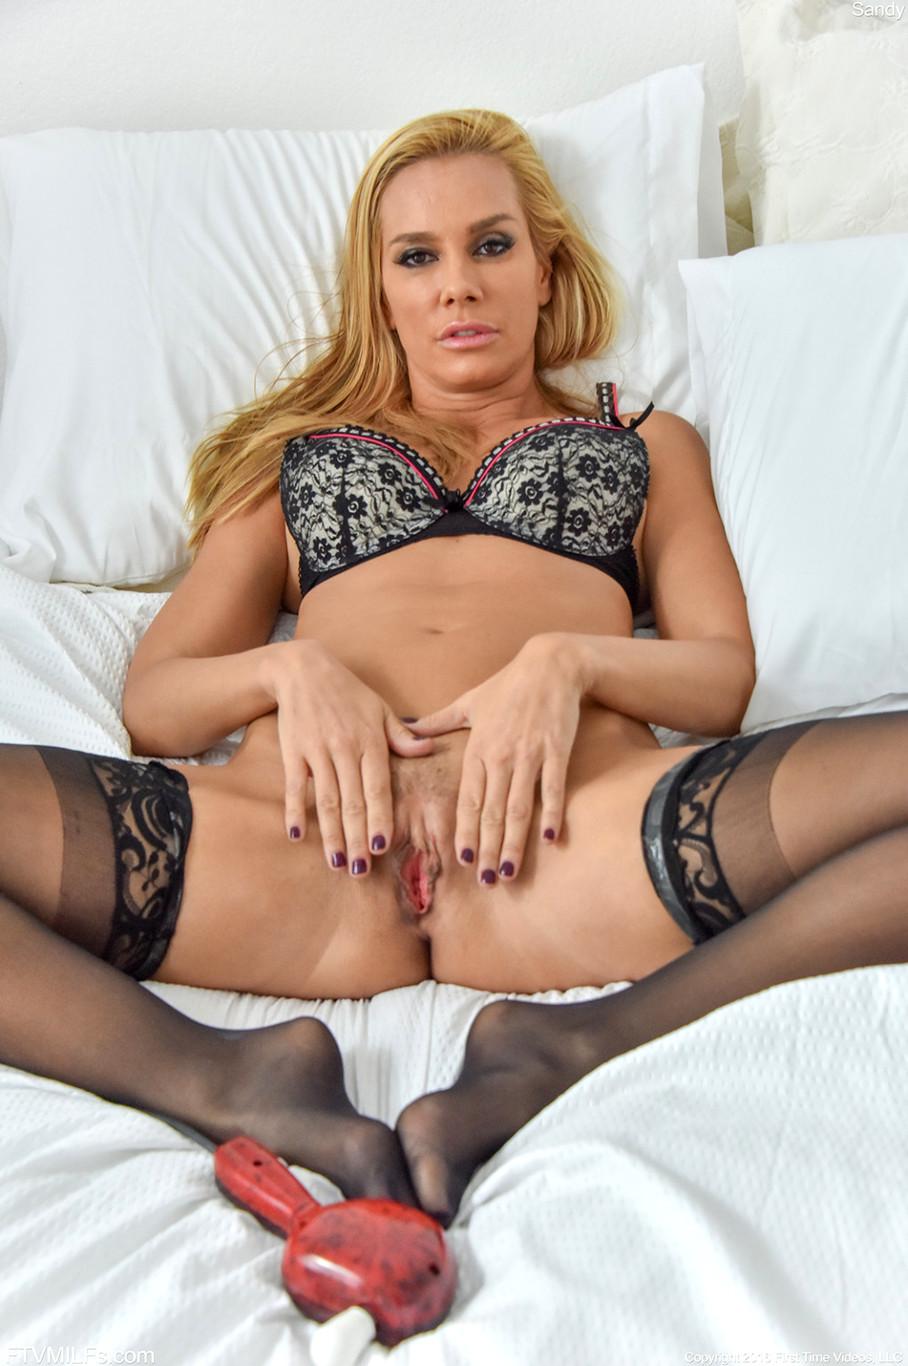 Kirsten ftv girls model 4 sex 9